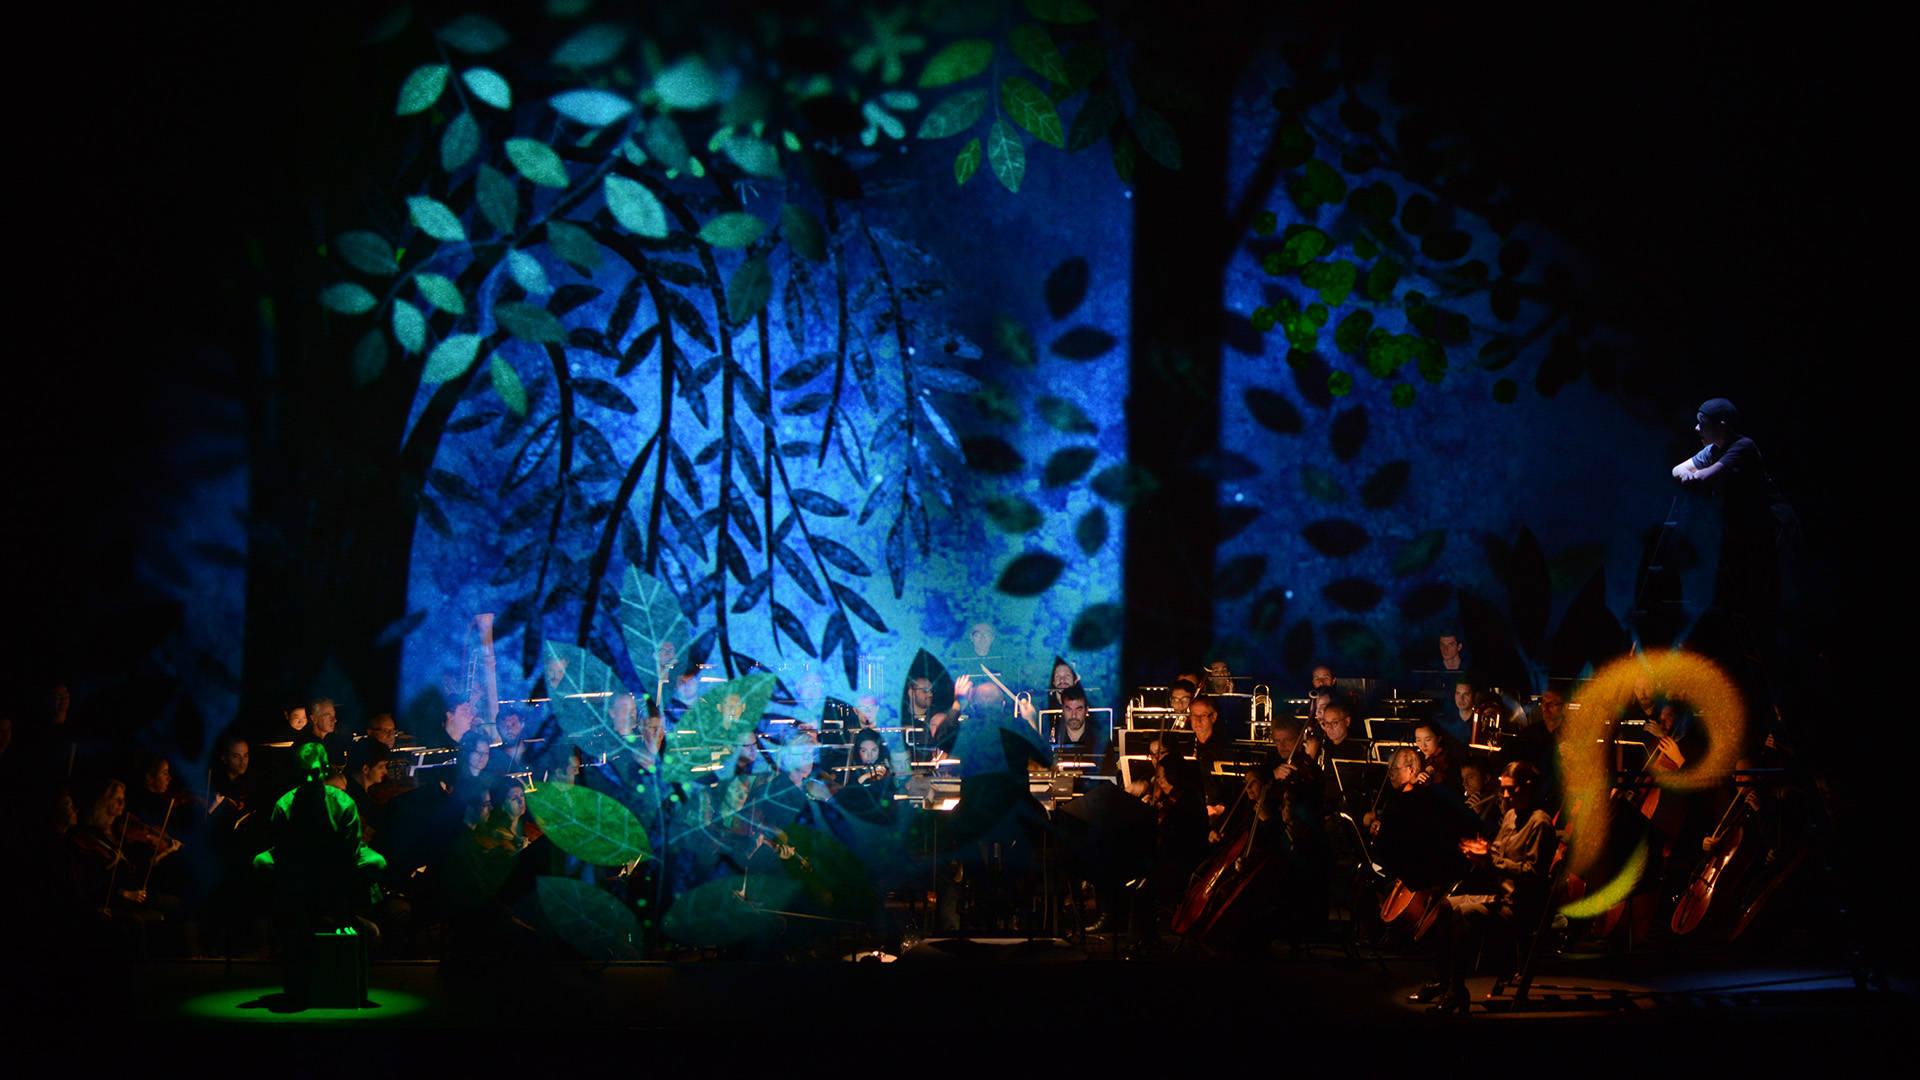 The San Francisco Symphony performs Ravel's 'L'enfant et les sortileges' on June 27-30. Jean Pierre-Maurin